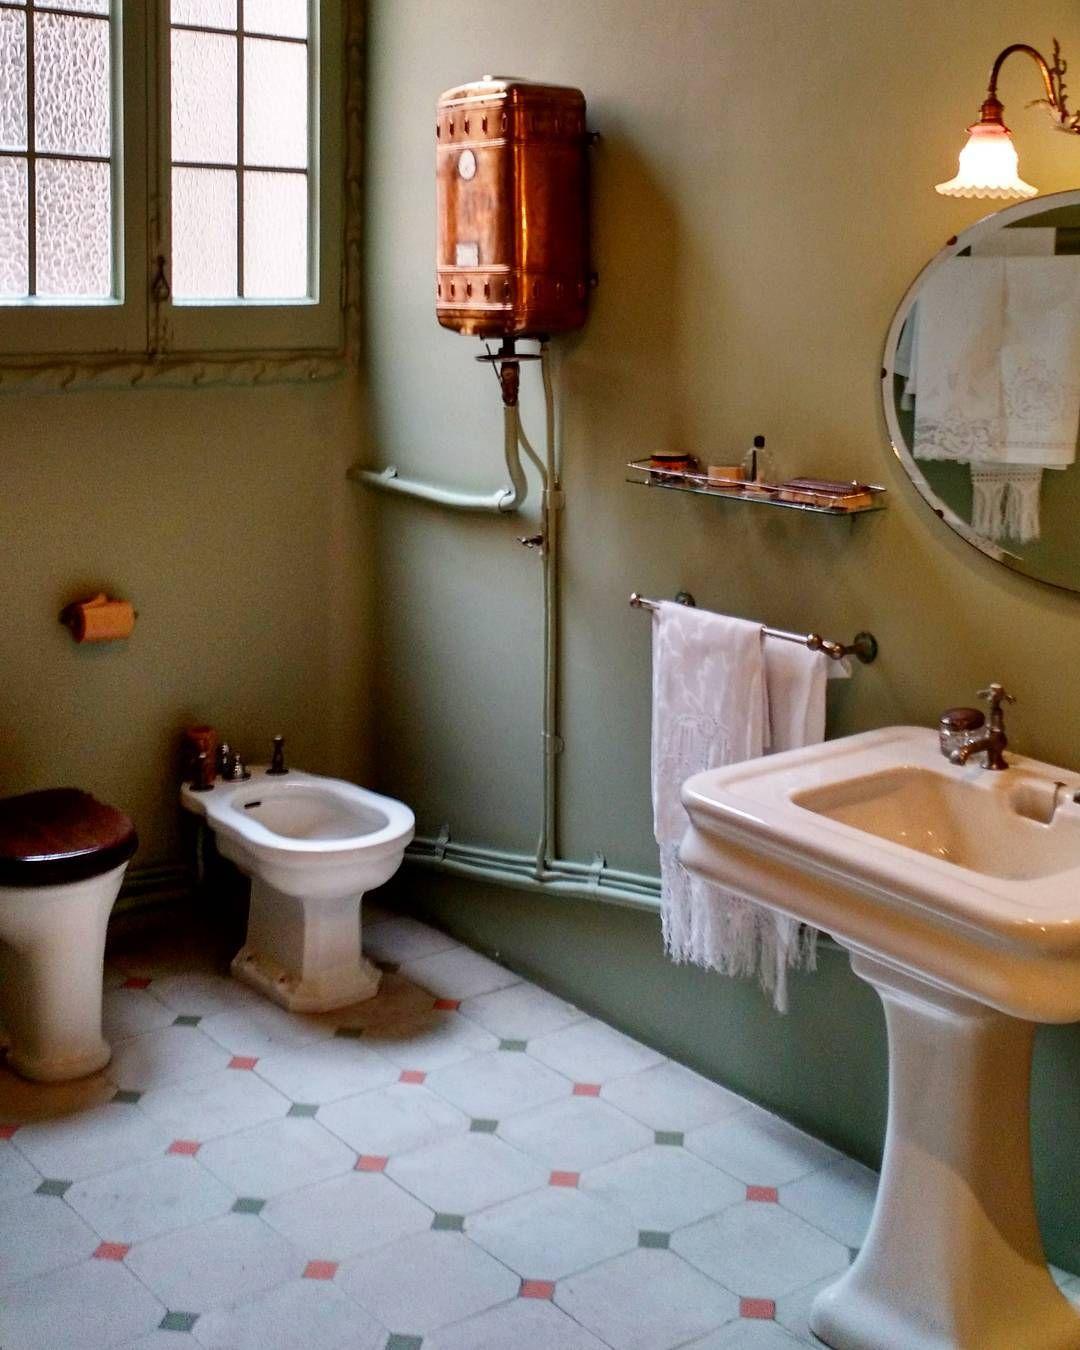 Kevättalvella (joksi helmikuu toki lasketaan) alkaa matkakuume nousemaan. Jokaisella ulkomaanreissulla ajaudumme nuuskimaan paikallisia restaurointiin liittyviä erikoisuuksia. Heikkoutena mainittakoon hyvin restauroidut tai jopa alkuperäiset kylpyhuoneet ja keittiöt. Syke nousee ja kamera laulaa. Tässä hykerryttävä kuparinen lämminvesivaraaja 1900-luvun alusta AntoniGaudín Casa Milàsta. #kylppärigoals #muttabideetäenymmärrä #gaudi #artnouveaudotclub